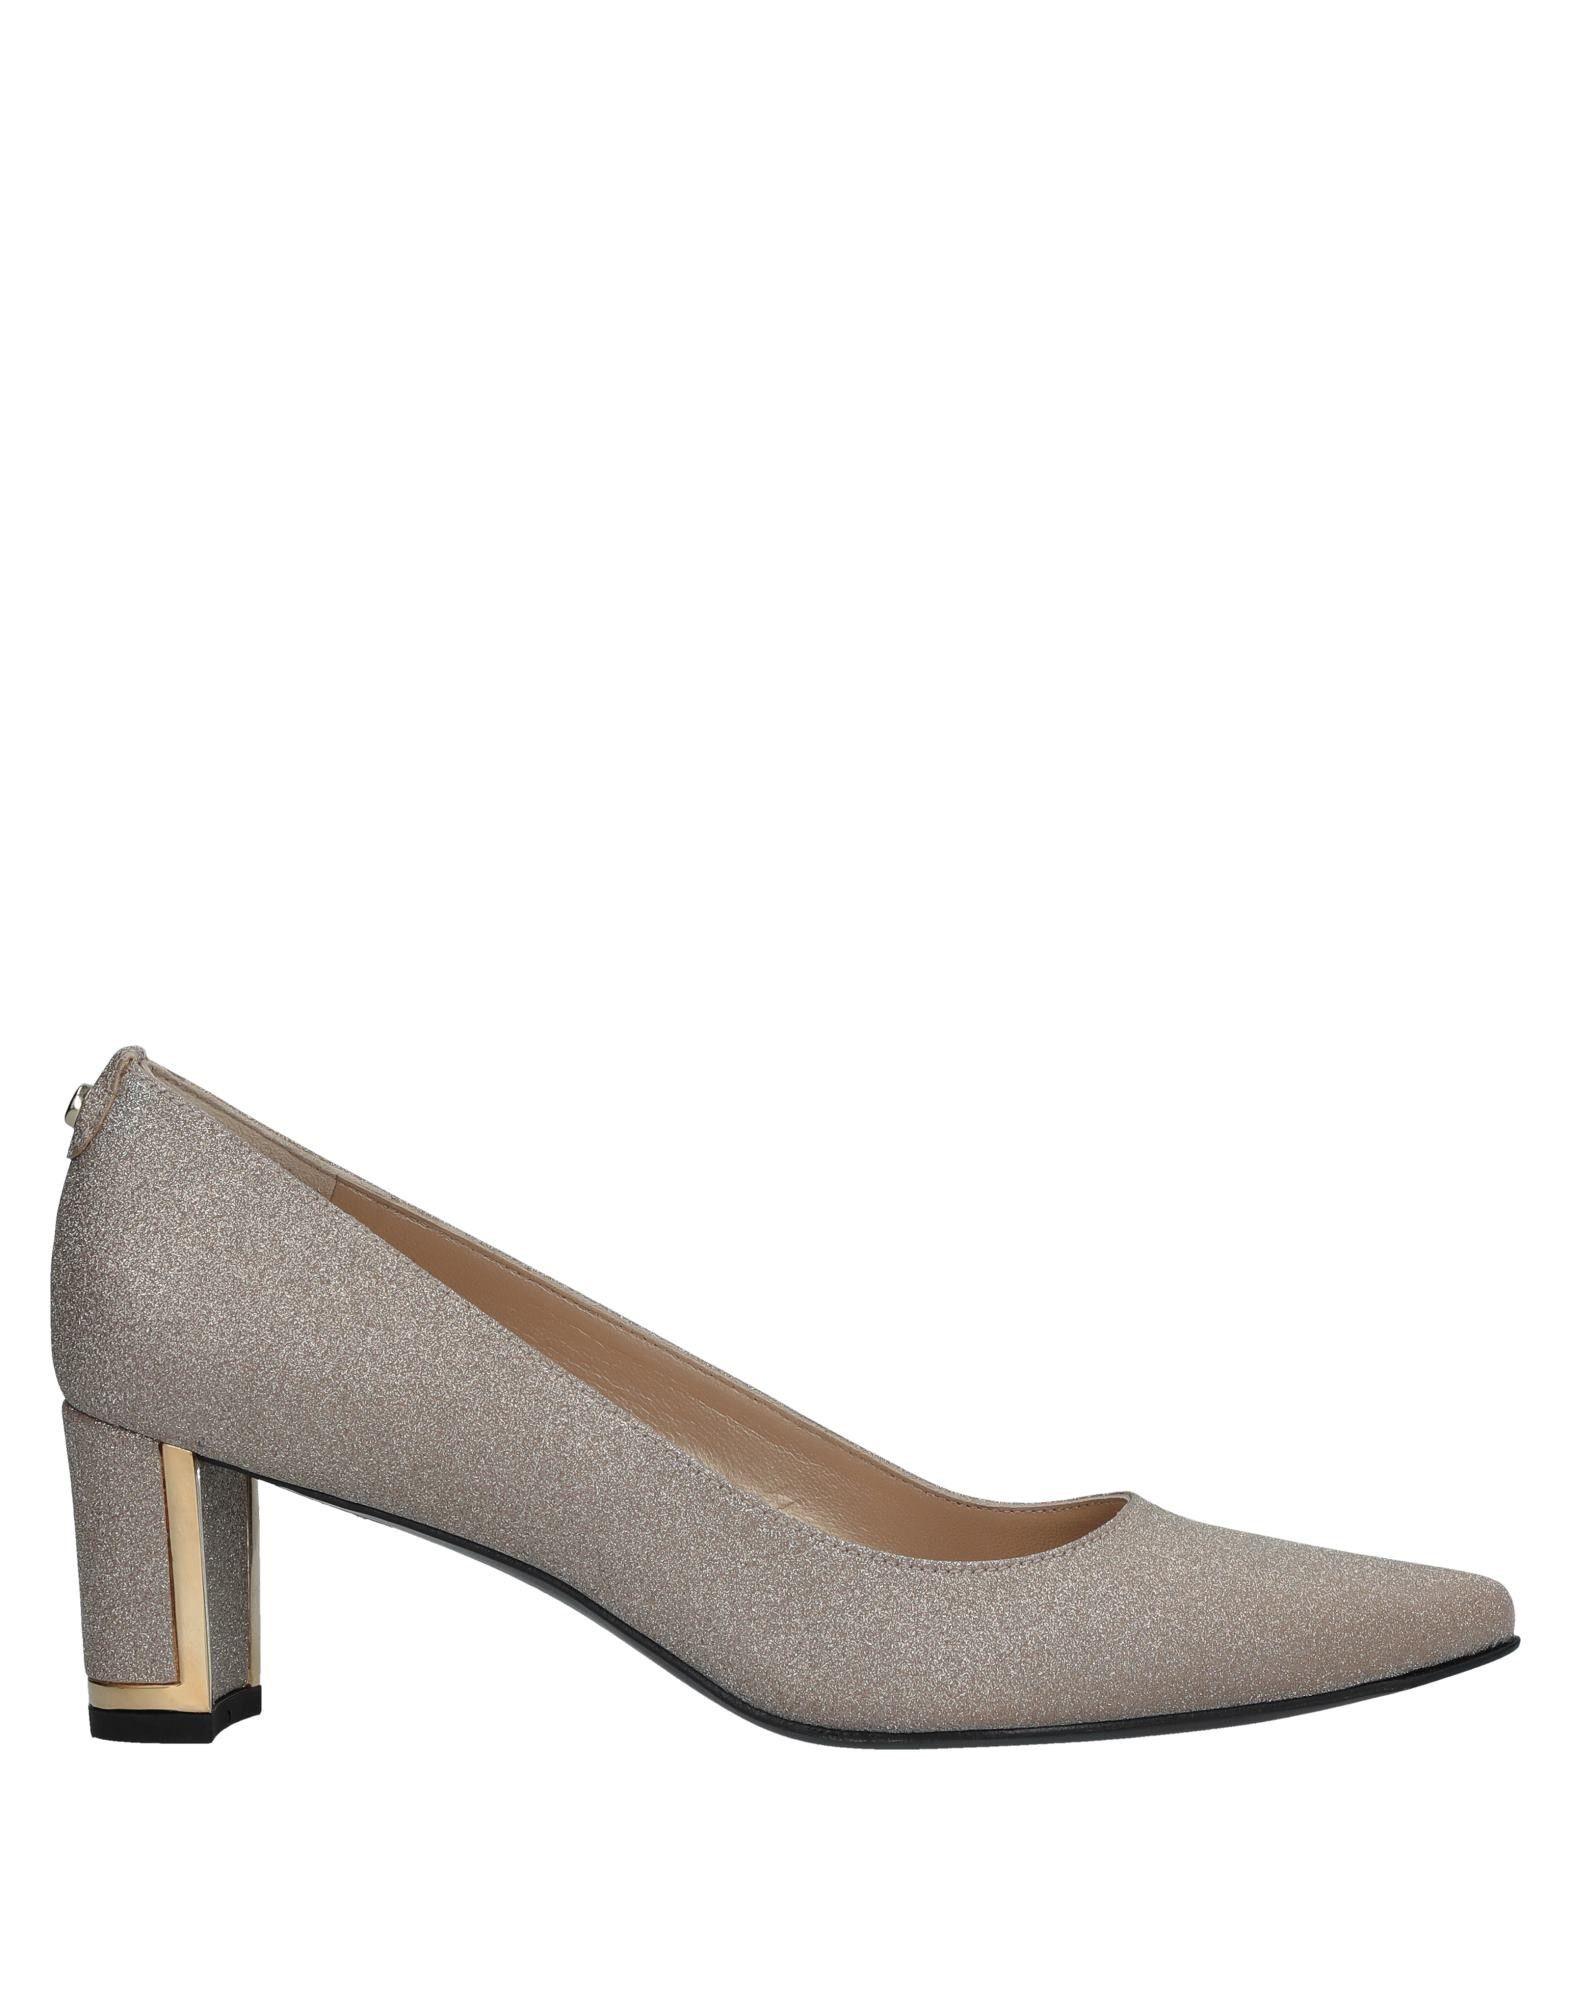 Sneakers Diadora Uomo - 11331328HW Scarpe economiche e buone